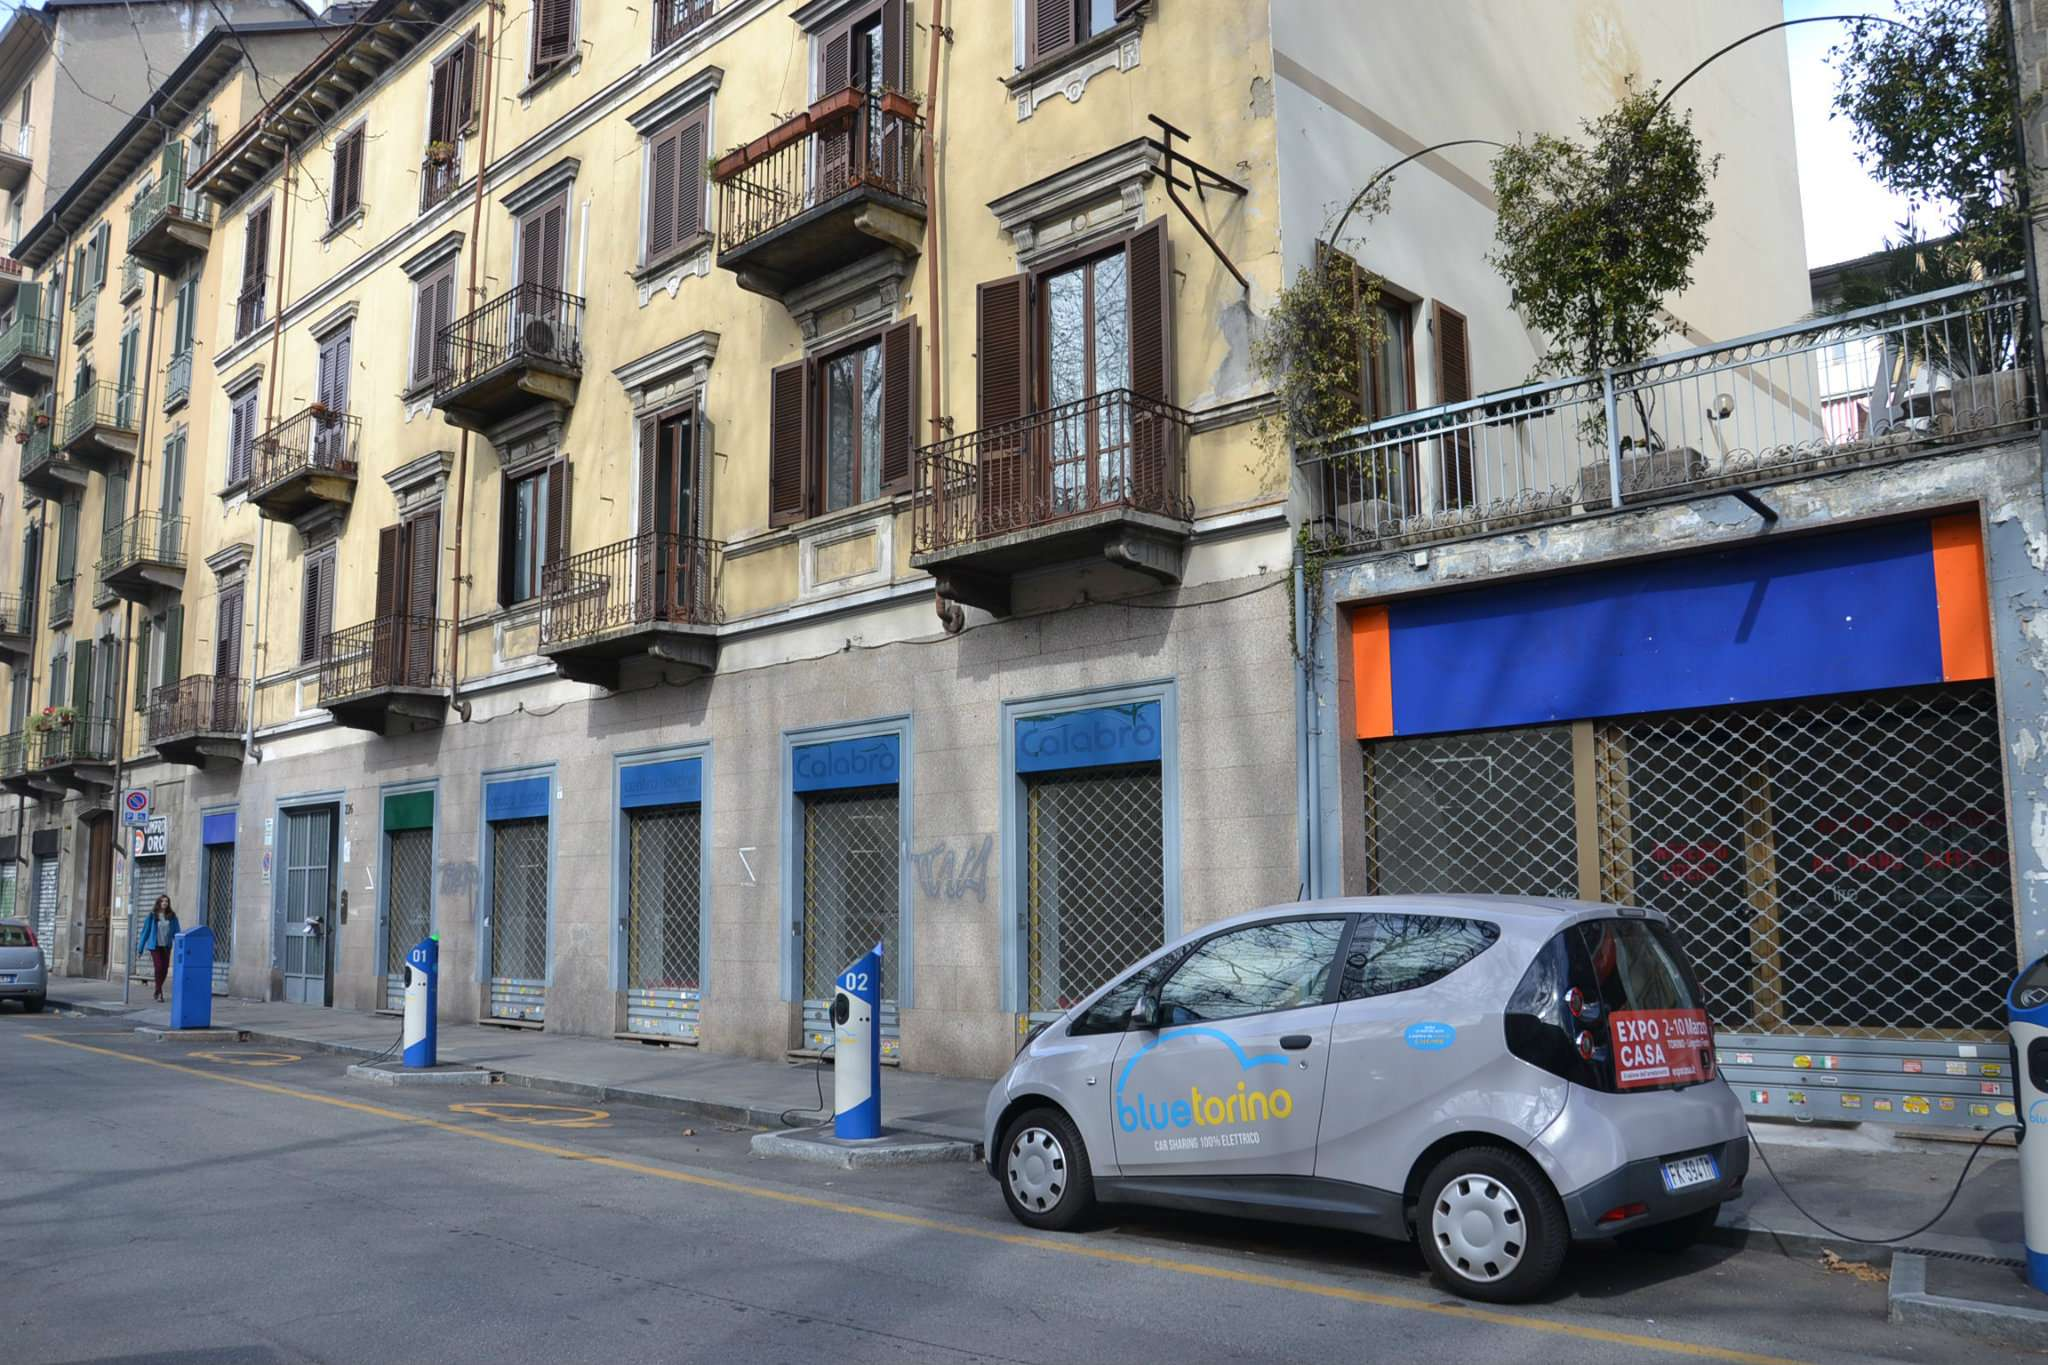 Negozio in affitto Zona Cit Turin, San Donato, Campidoglio - via Regina Margherita Torino